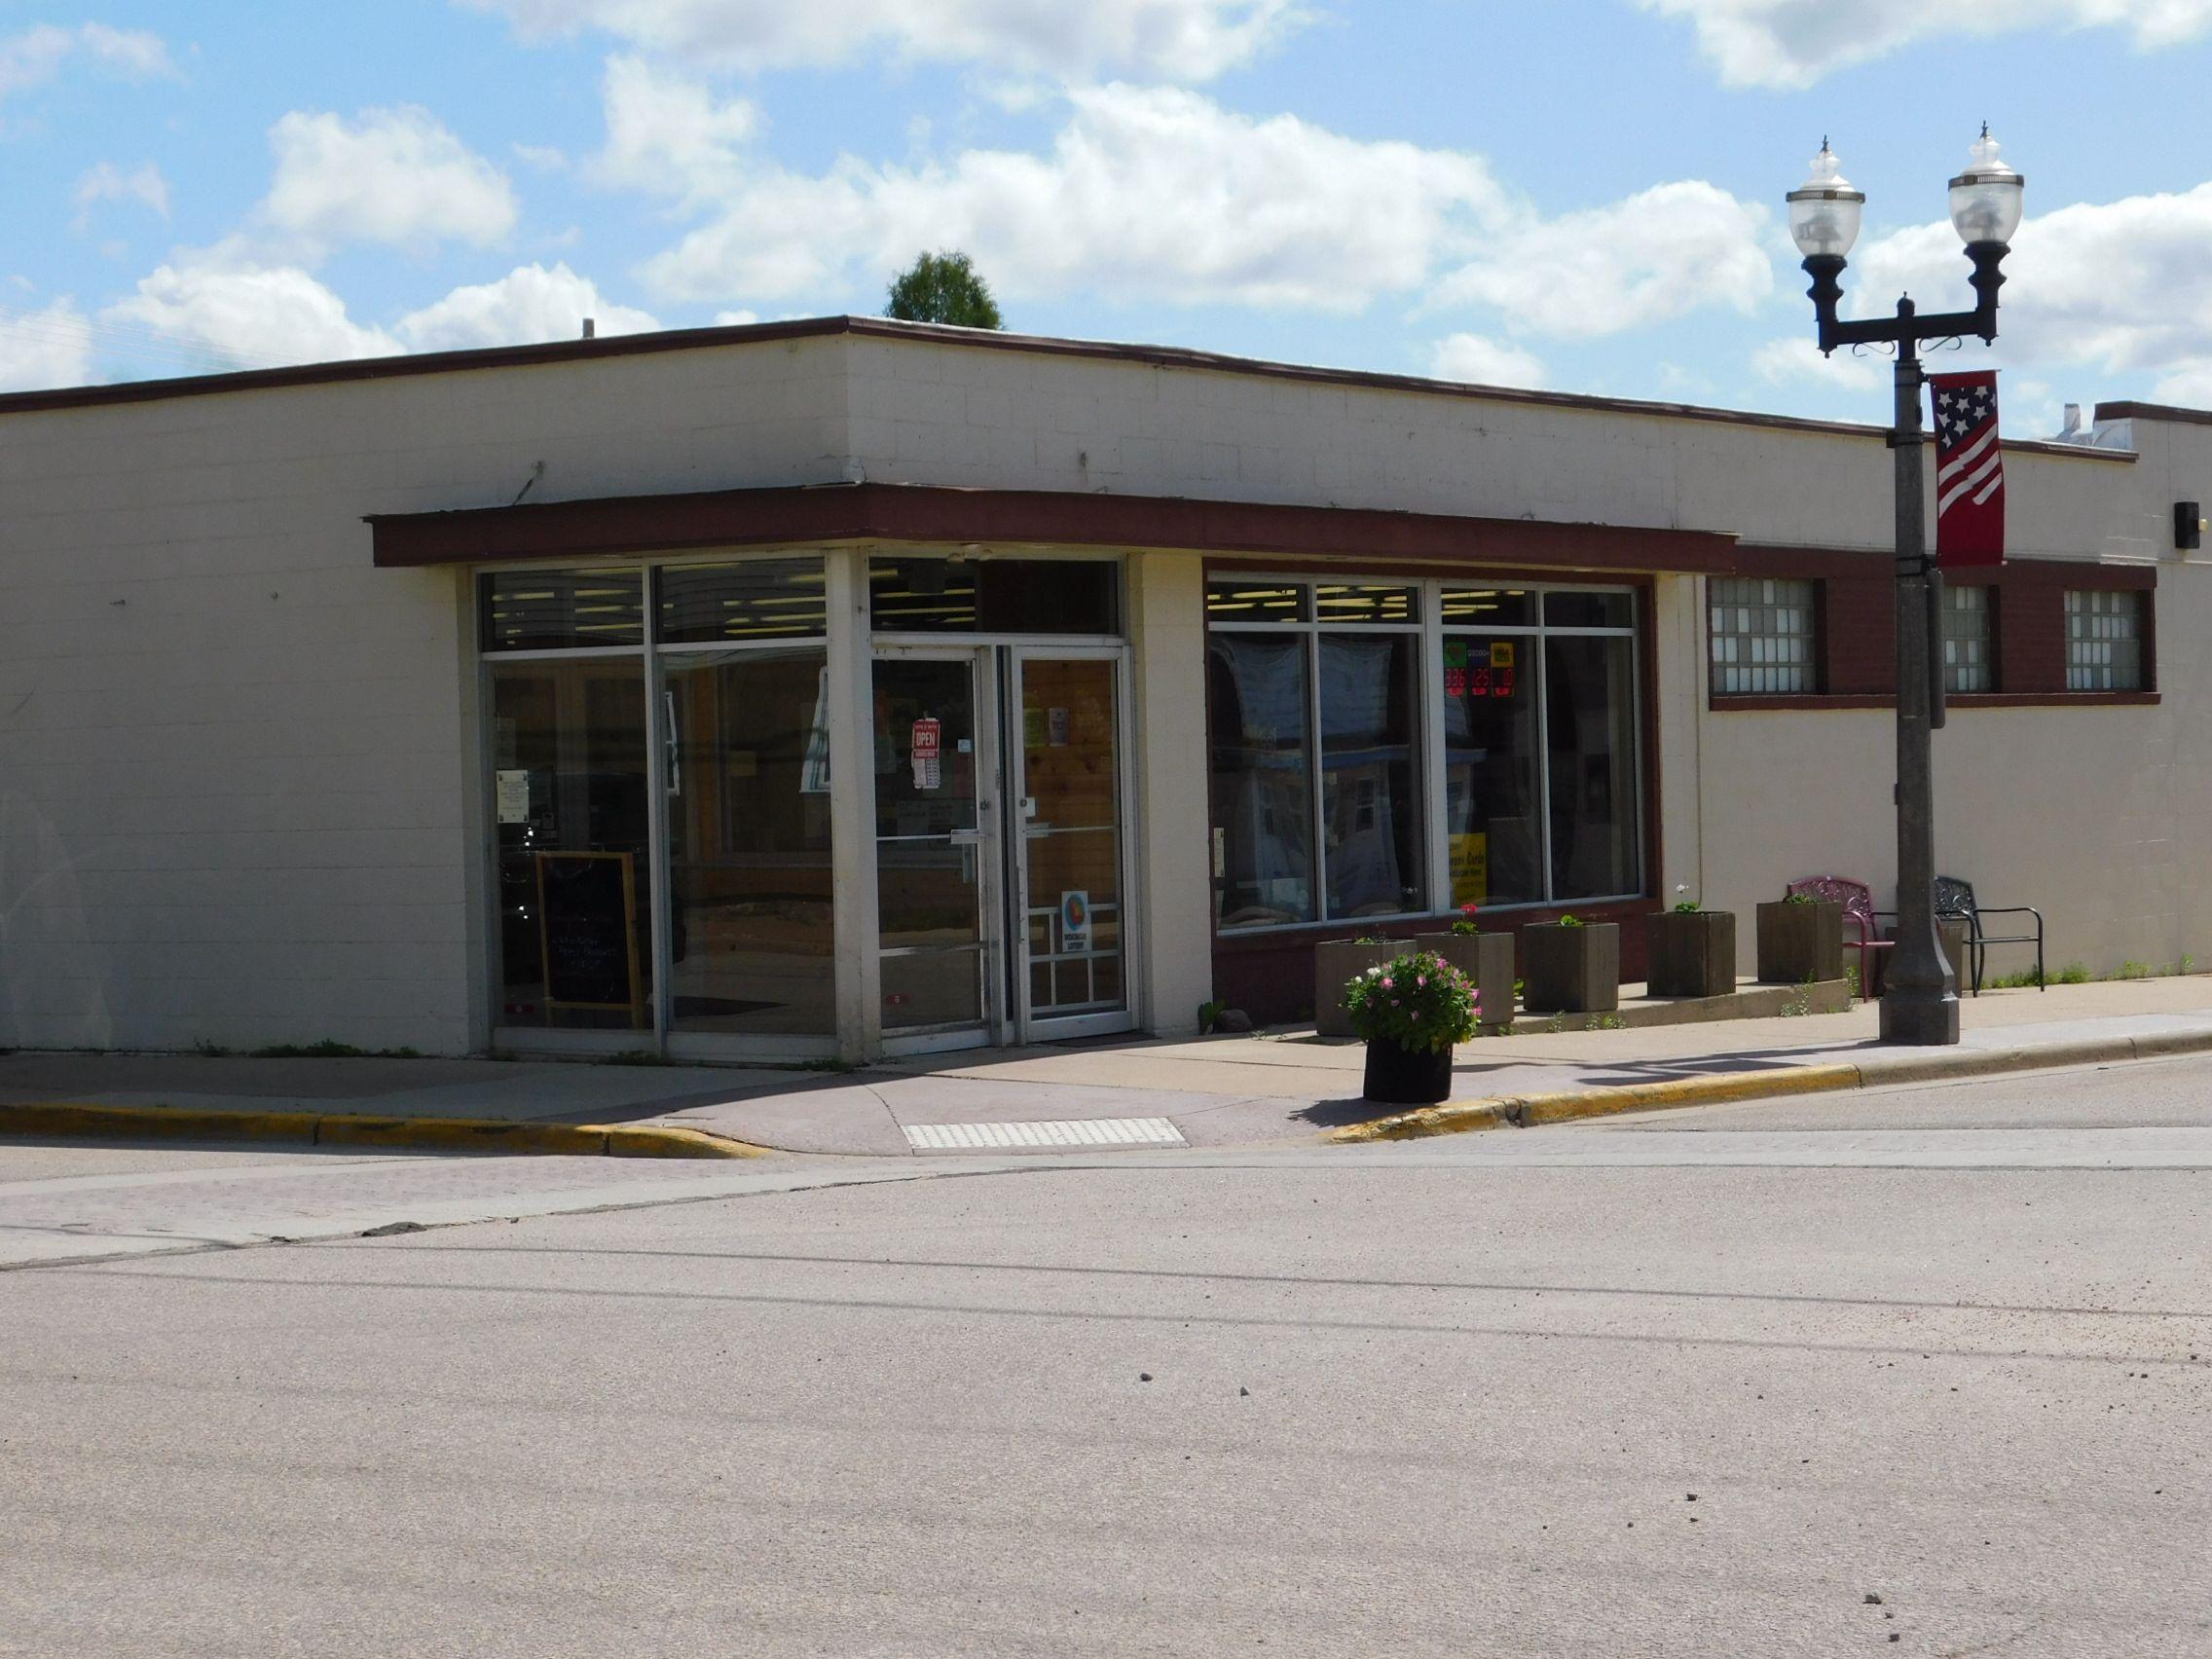 234 Cedar St, Tigerton, WI in 2020 Building exterior